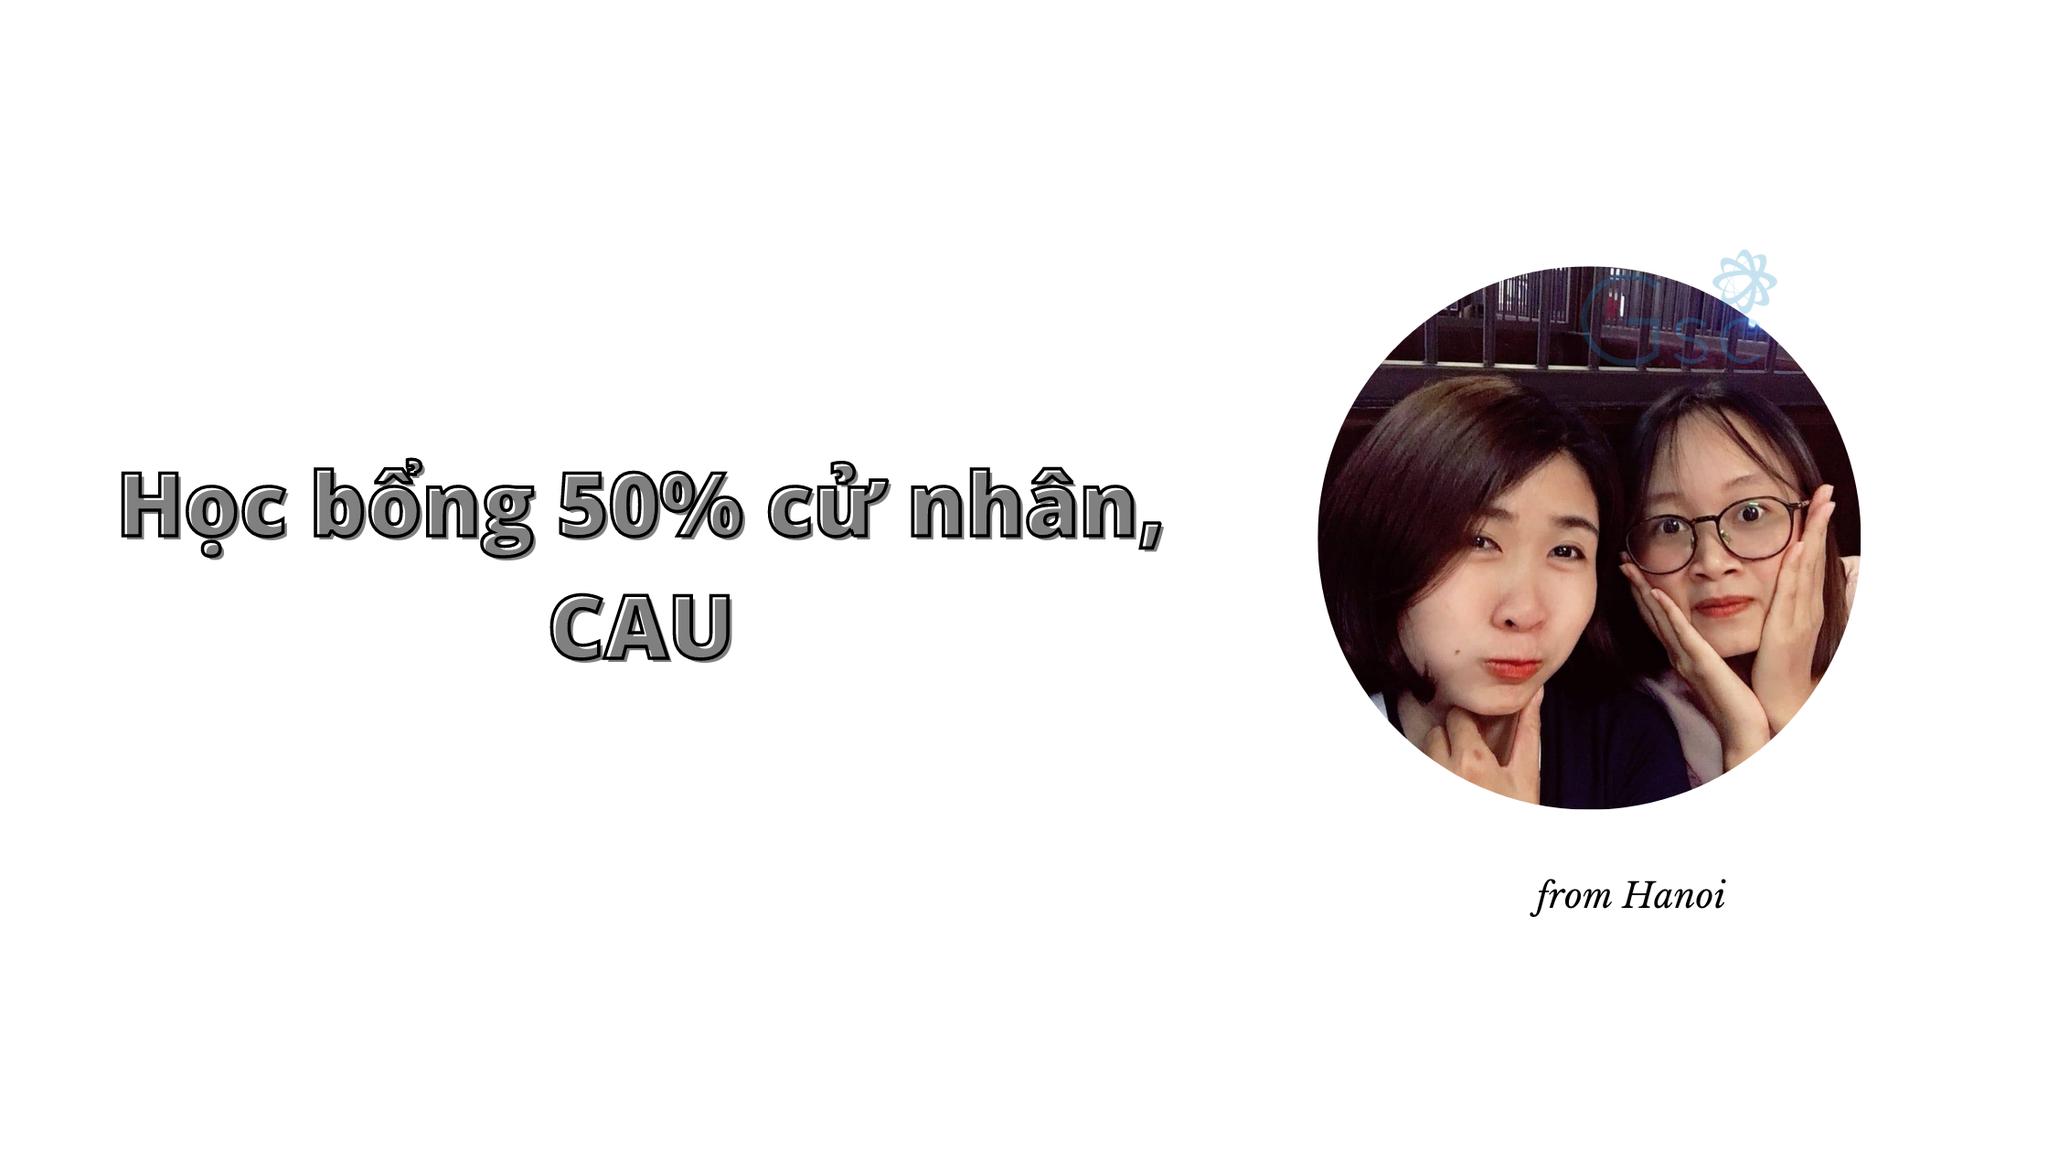 Bạn Linh từ Hà Nội đã xuất sắc được học bổng 50% cử nhân tại đại học CAU